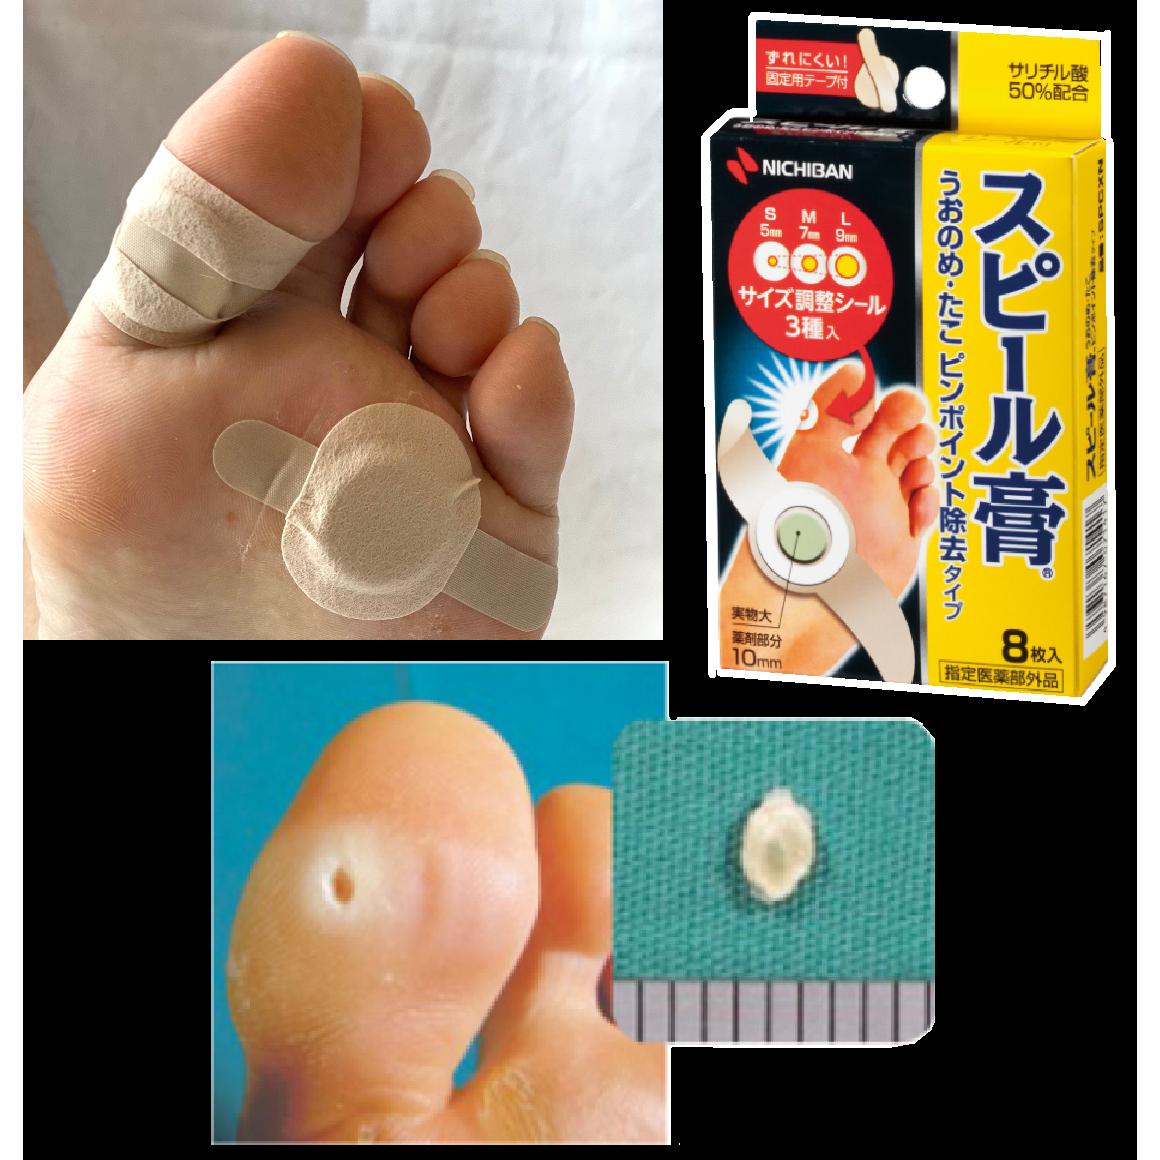 [당일배송] 단품/2개세트 발바닥 발가락 티눈 치료 약 물집 사마귀 제거 보호 밴드 8입, 1개 (POP 5695189935)